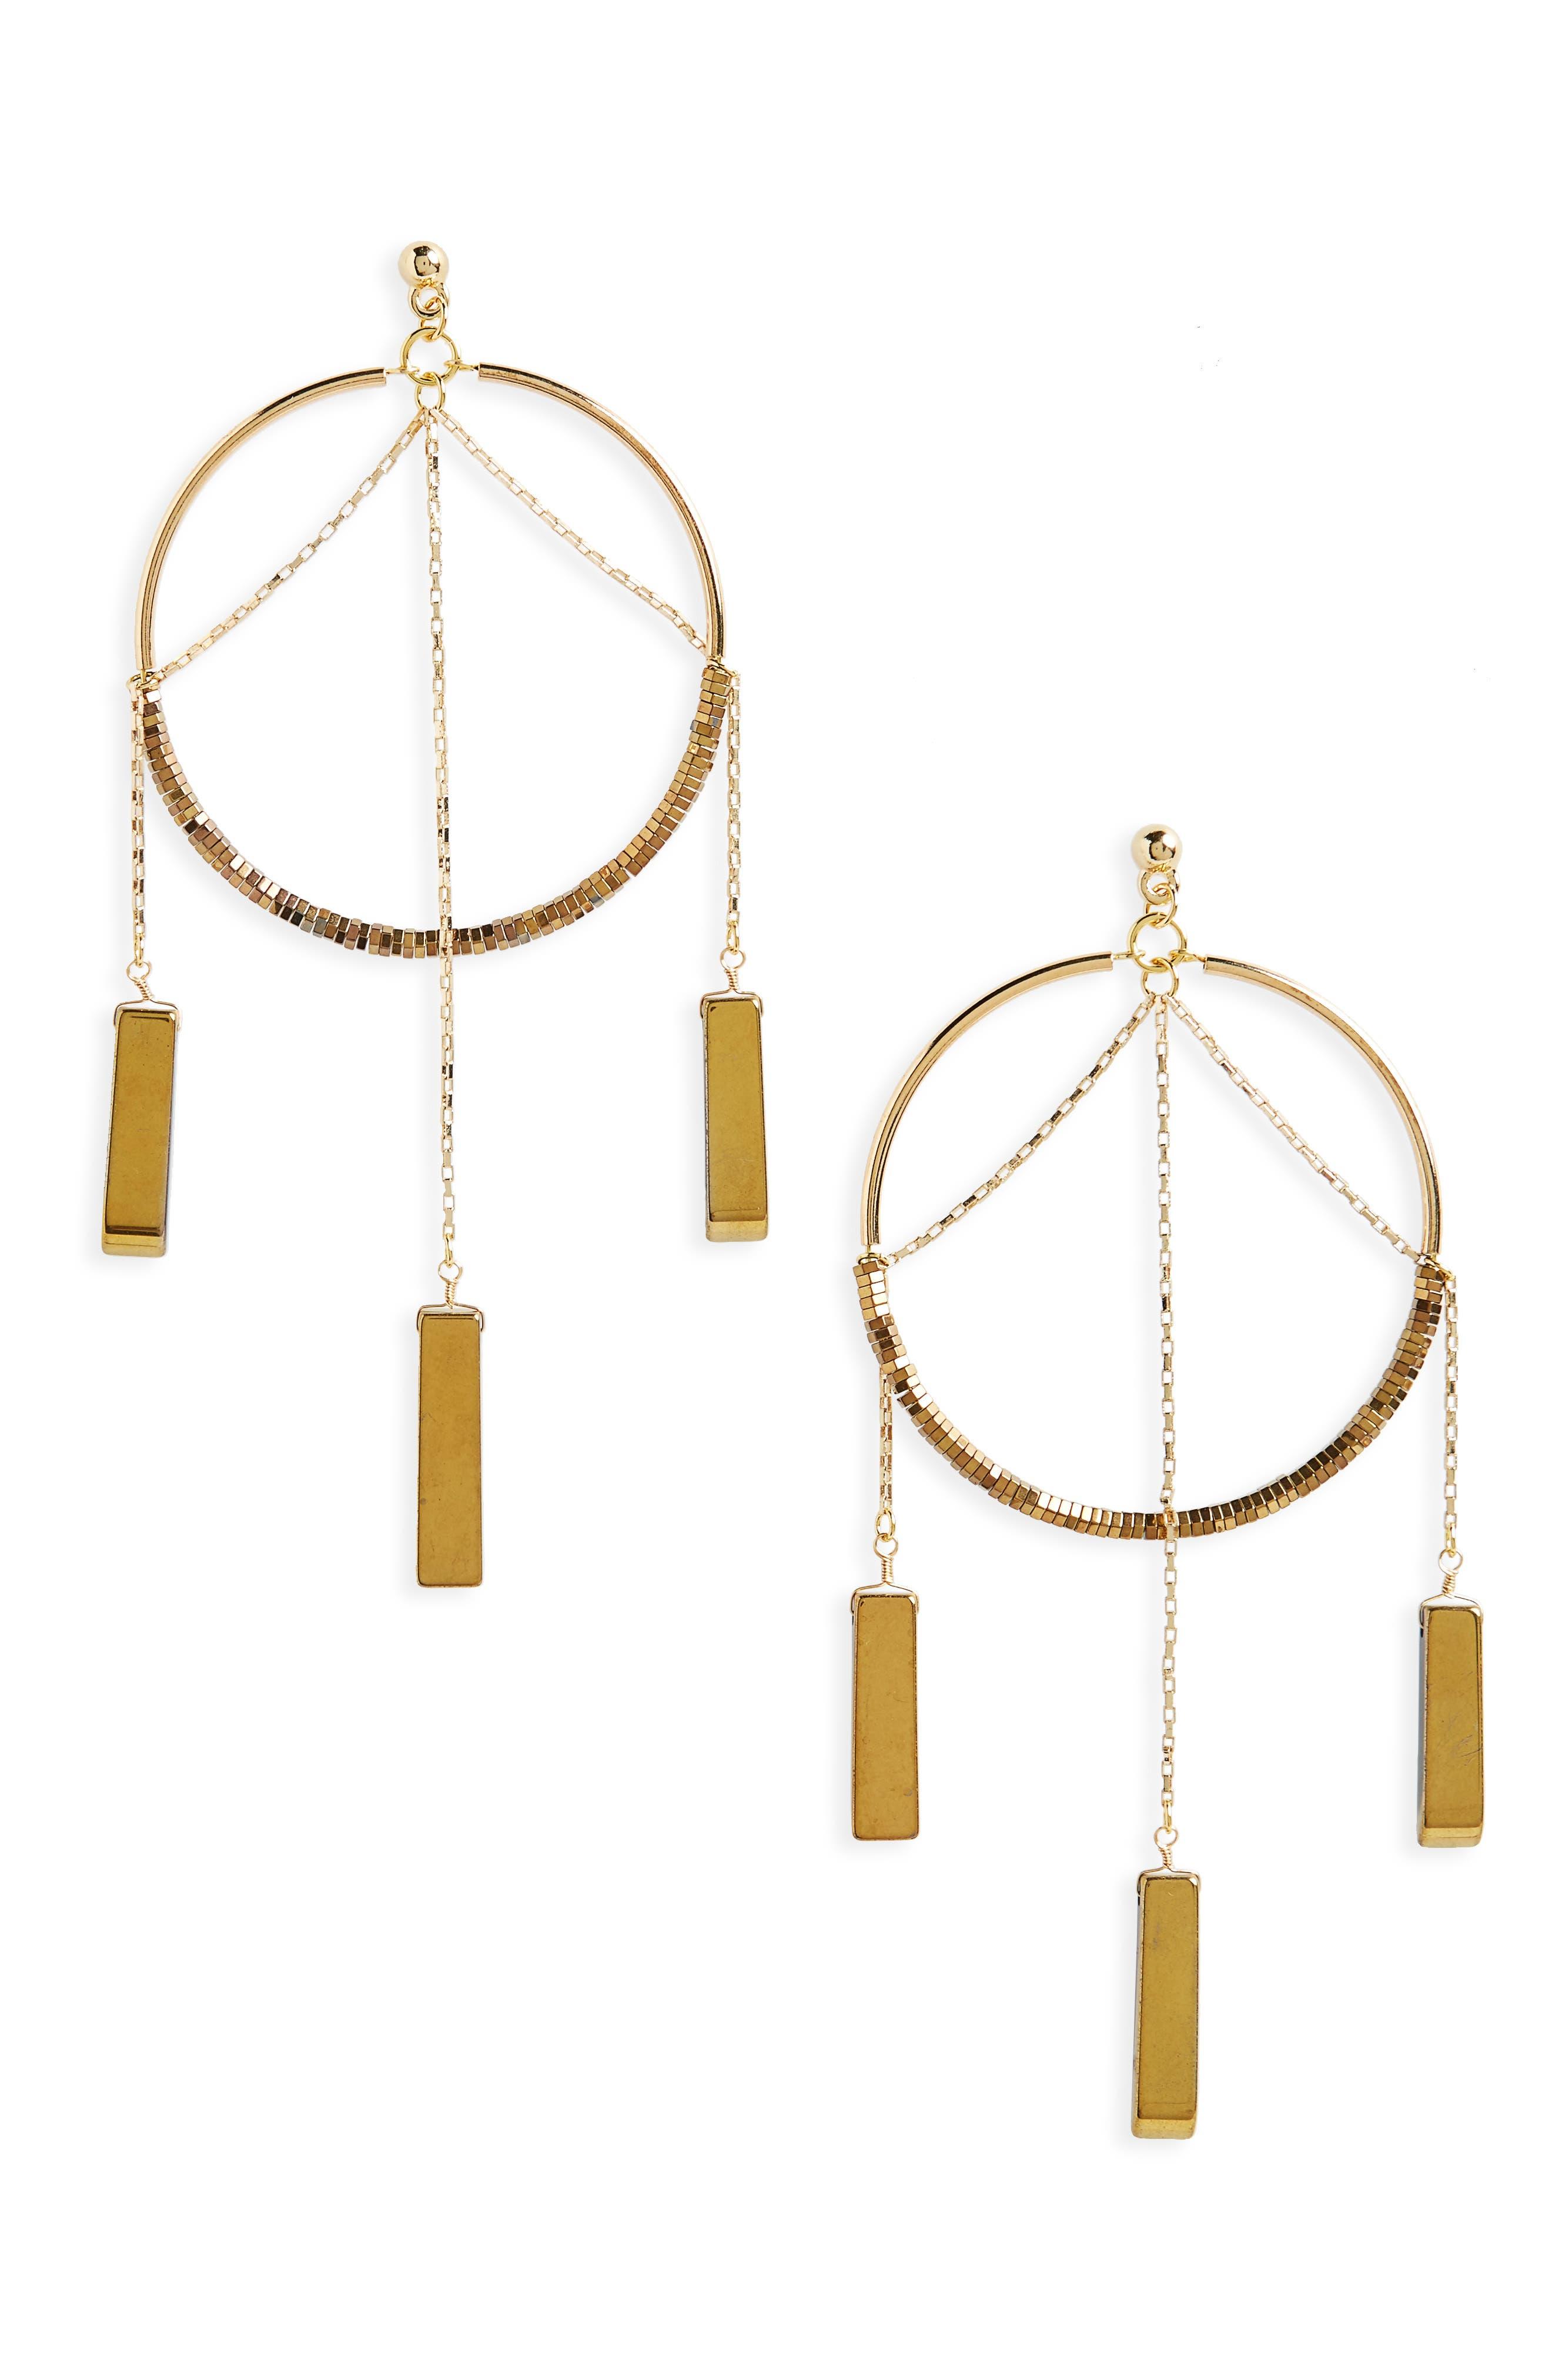 Main Image - Vanessa Mooney The Meadows Hoop Earrings